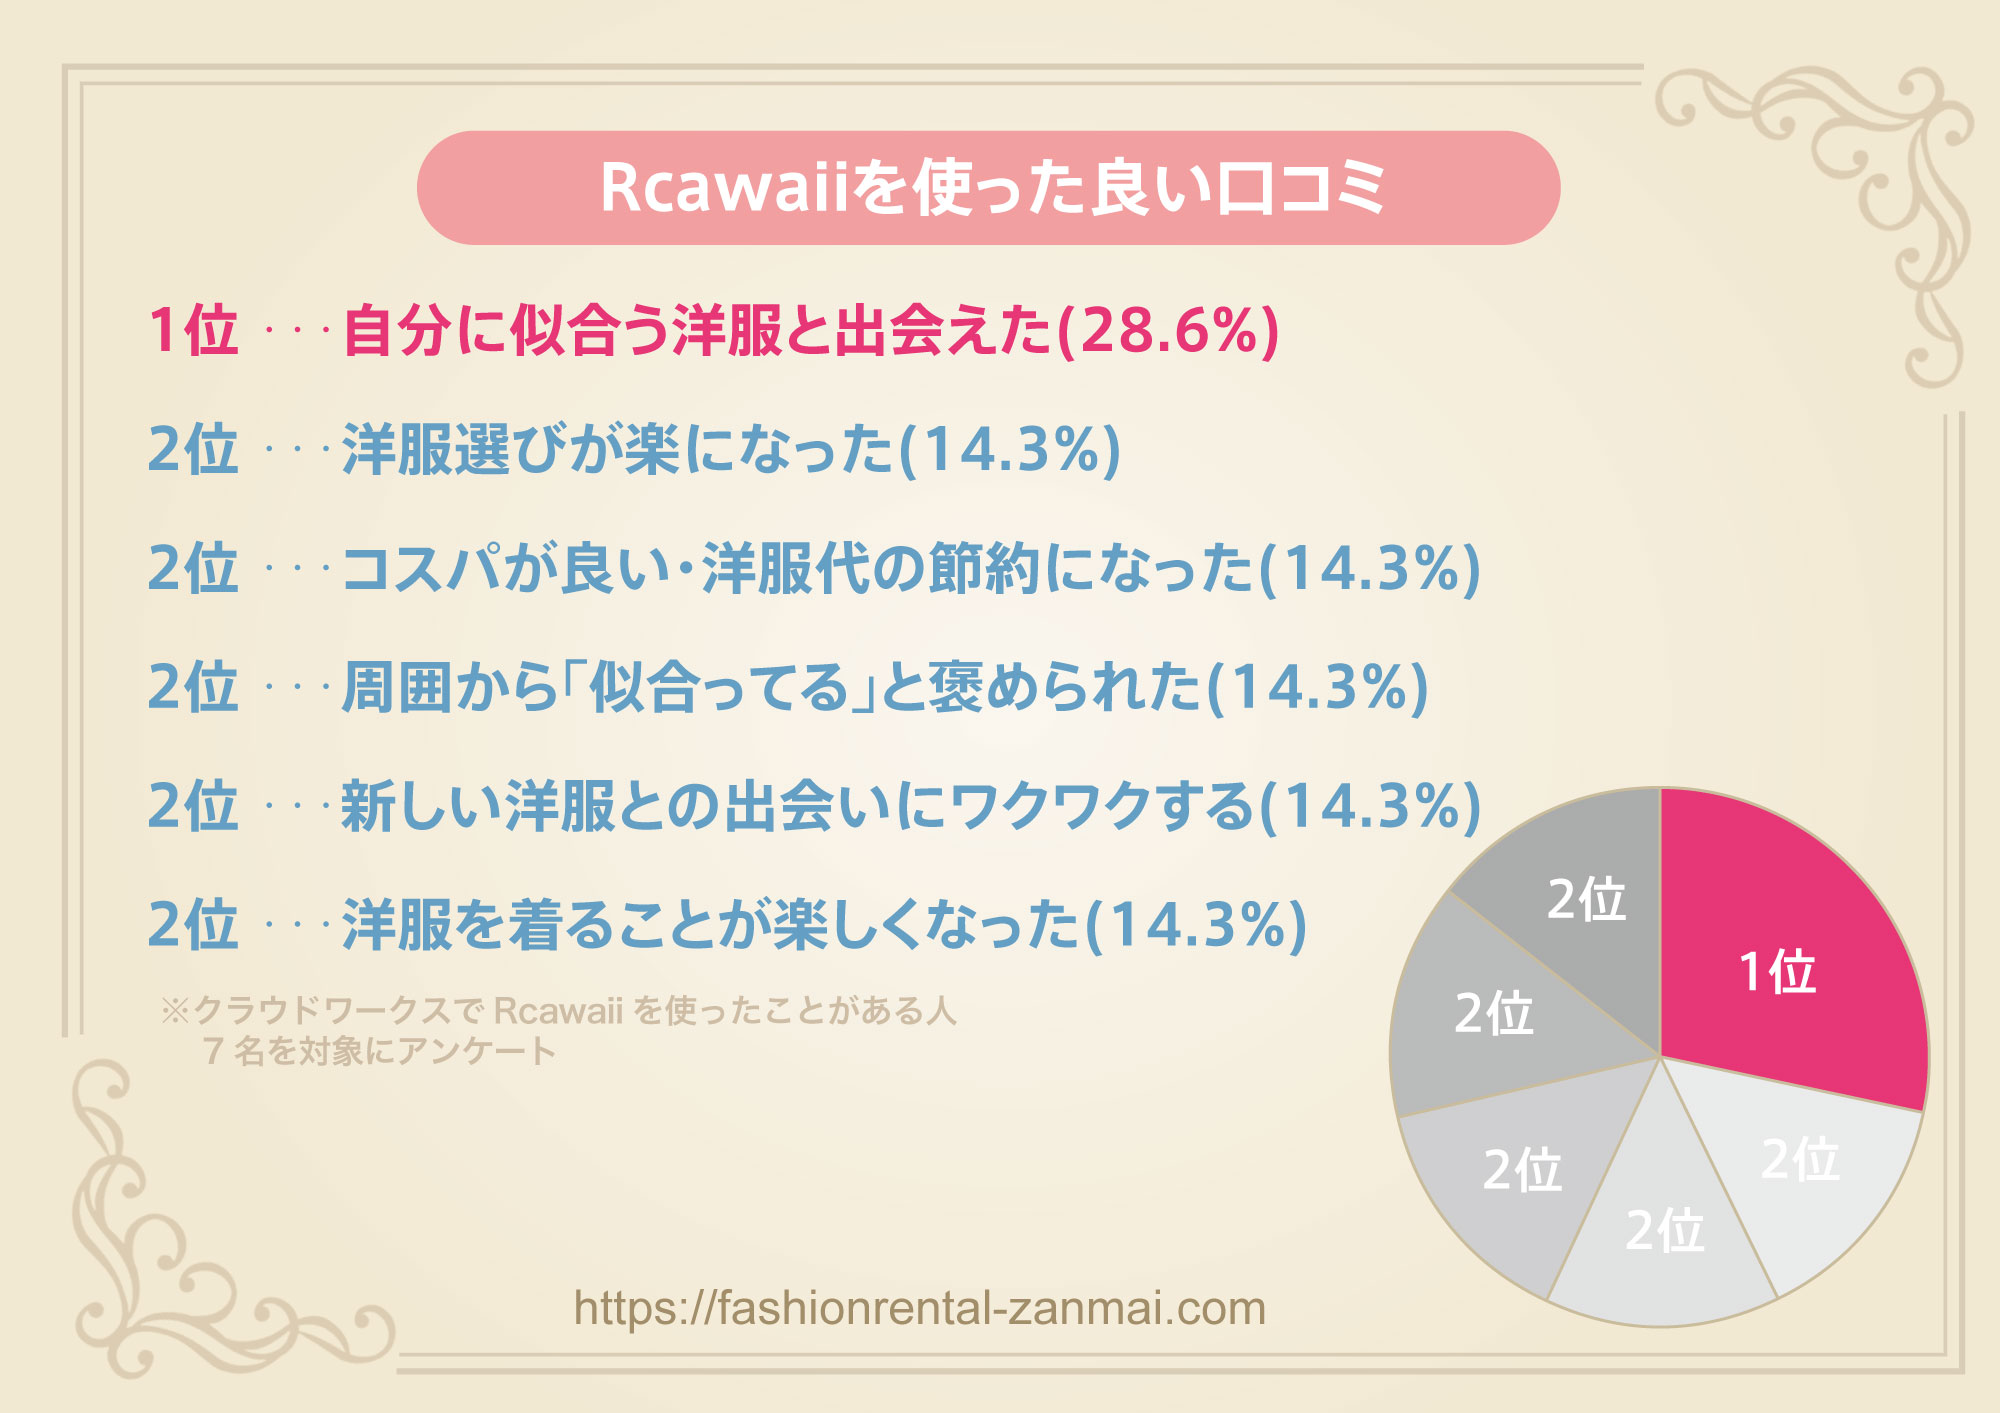 Rcawaiiを使った良い口コミをクラウドワークスでアンケート